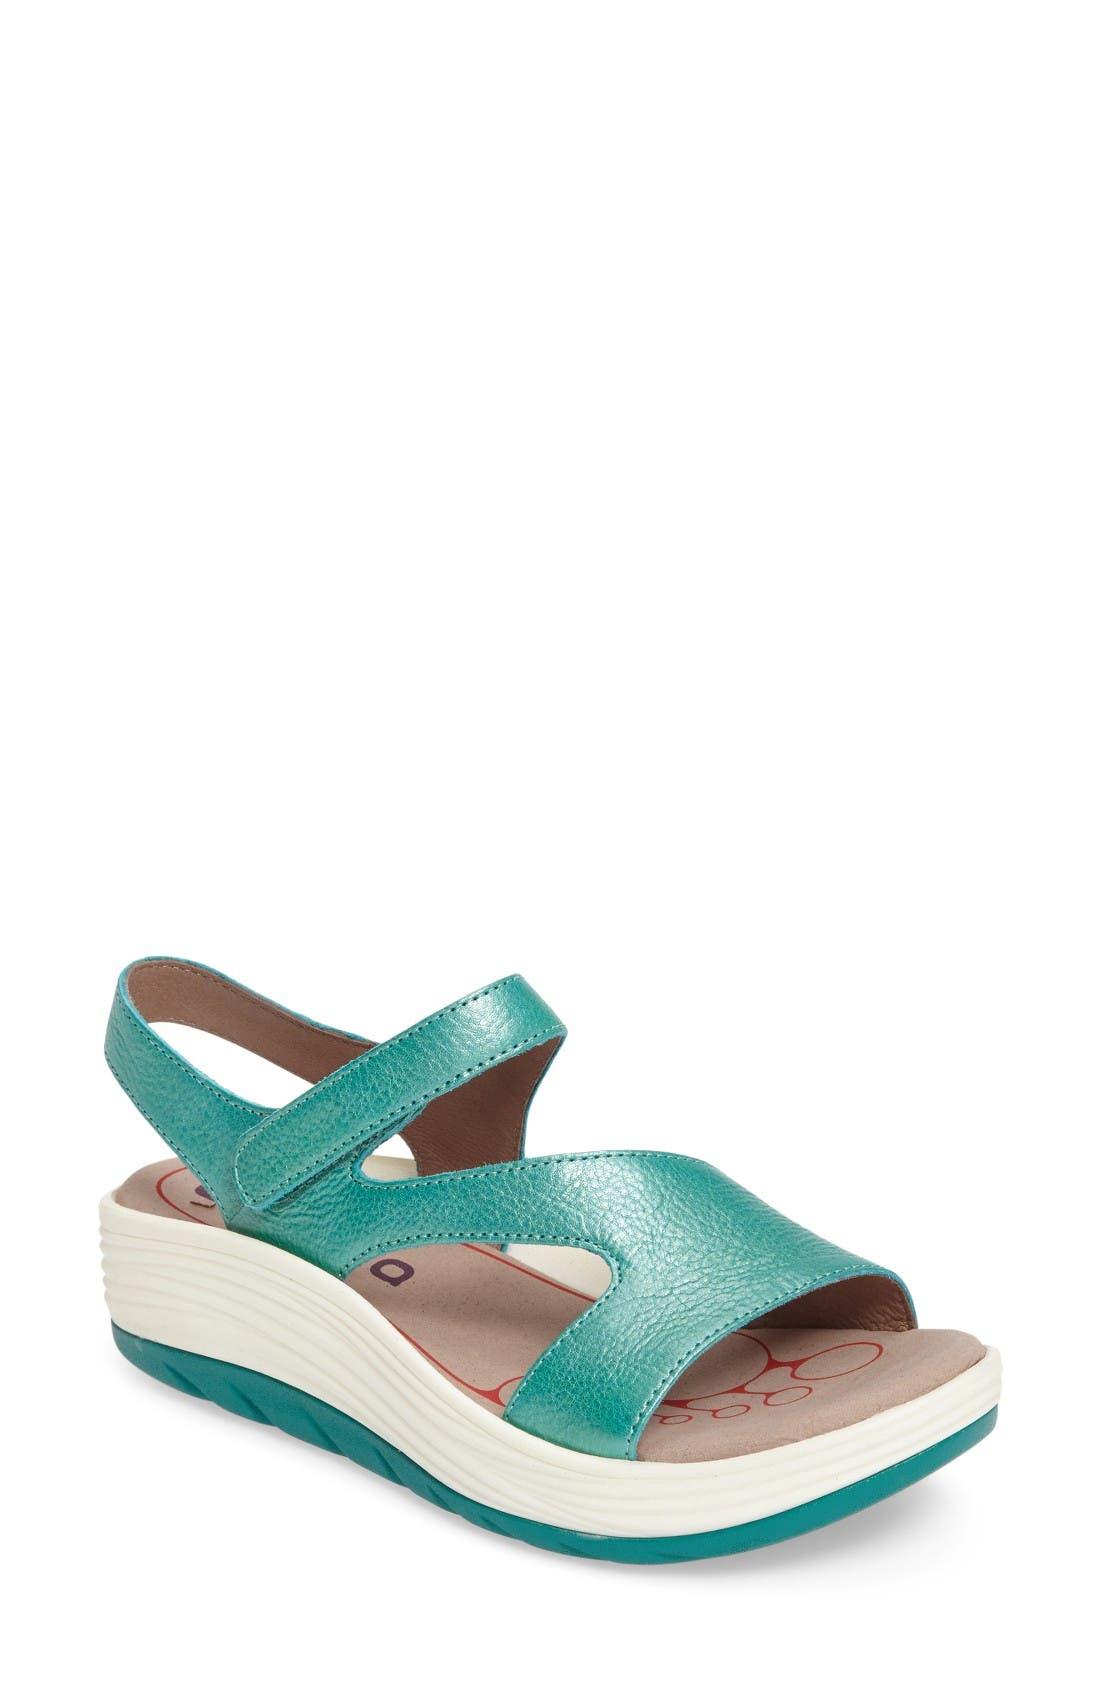 BIONICA Cybele Platform Sandal